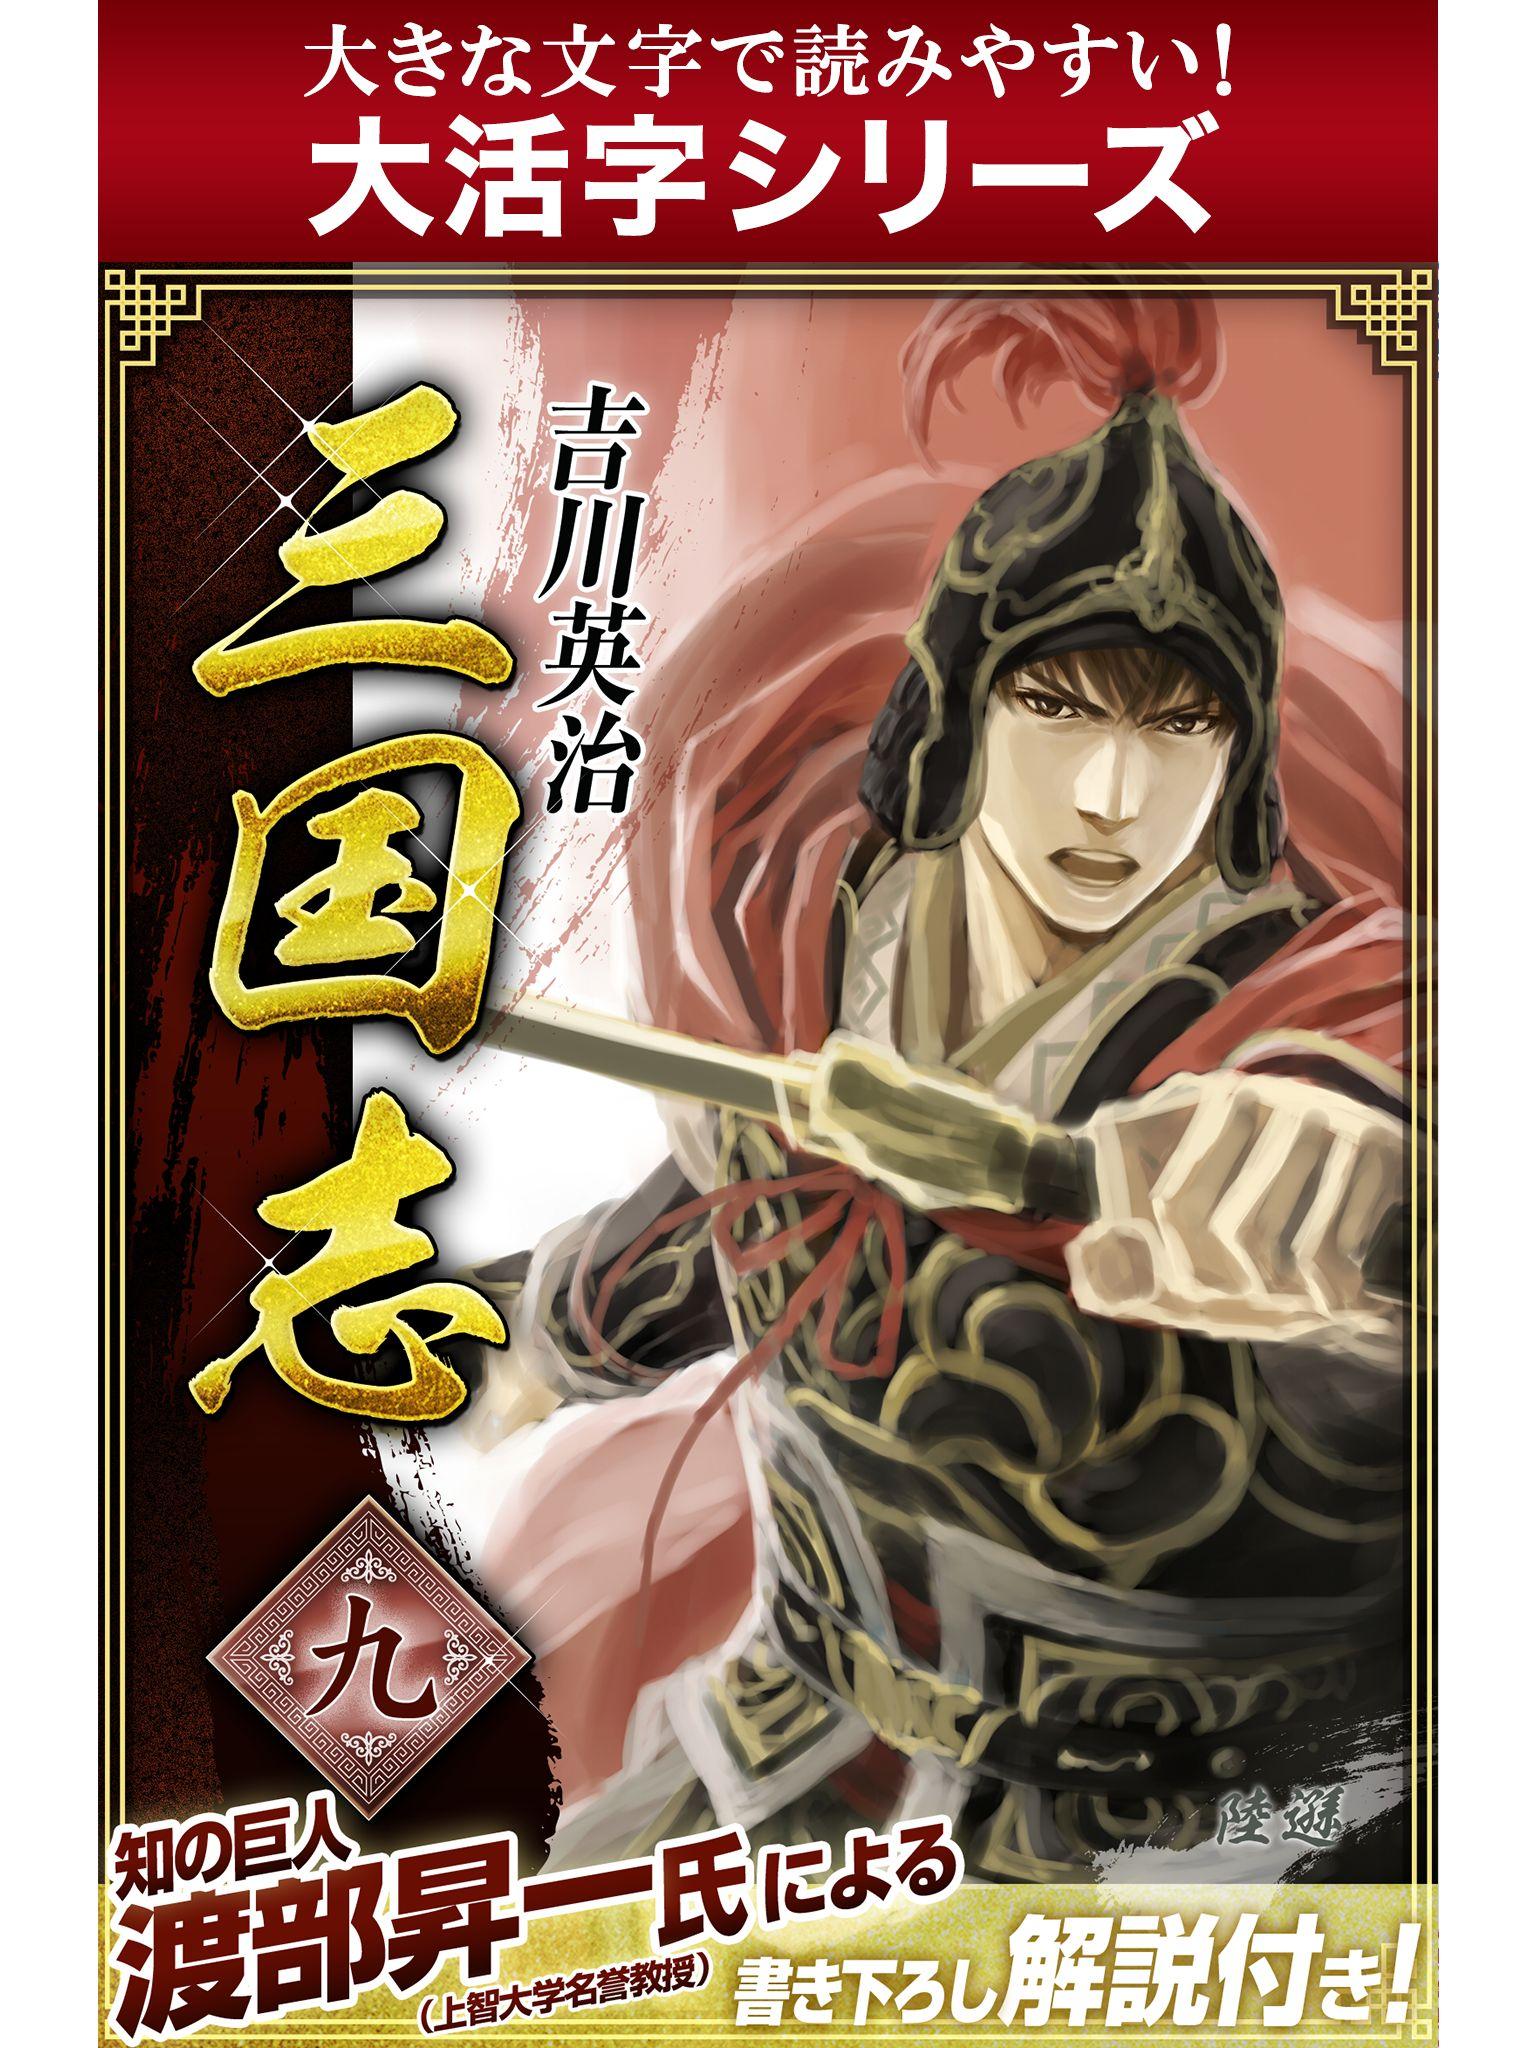 【大活字シリーズ】三国志 9巻